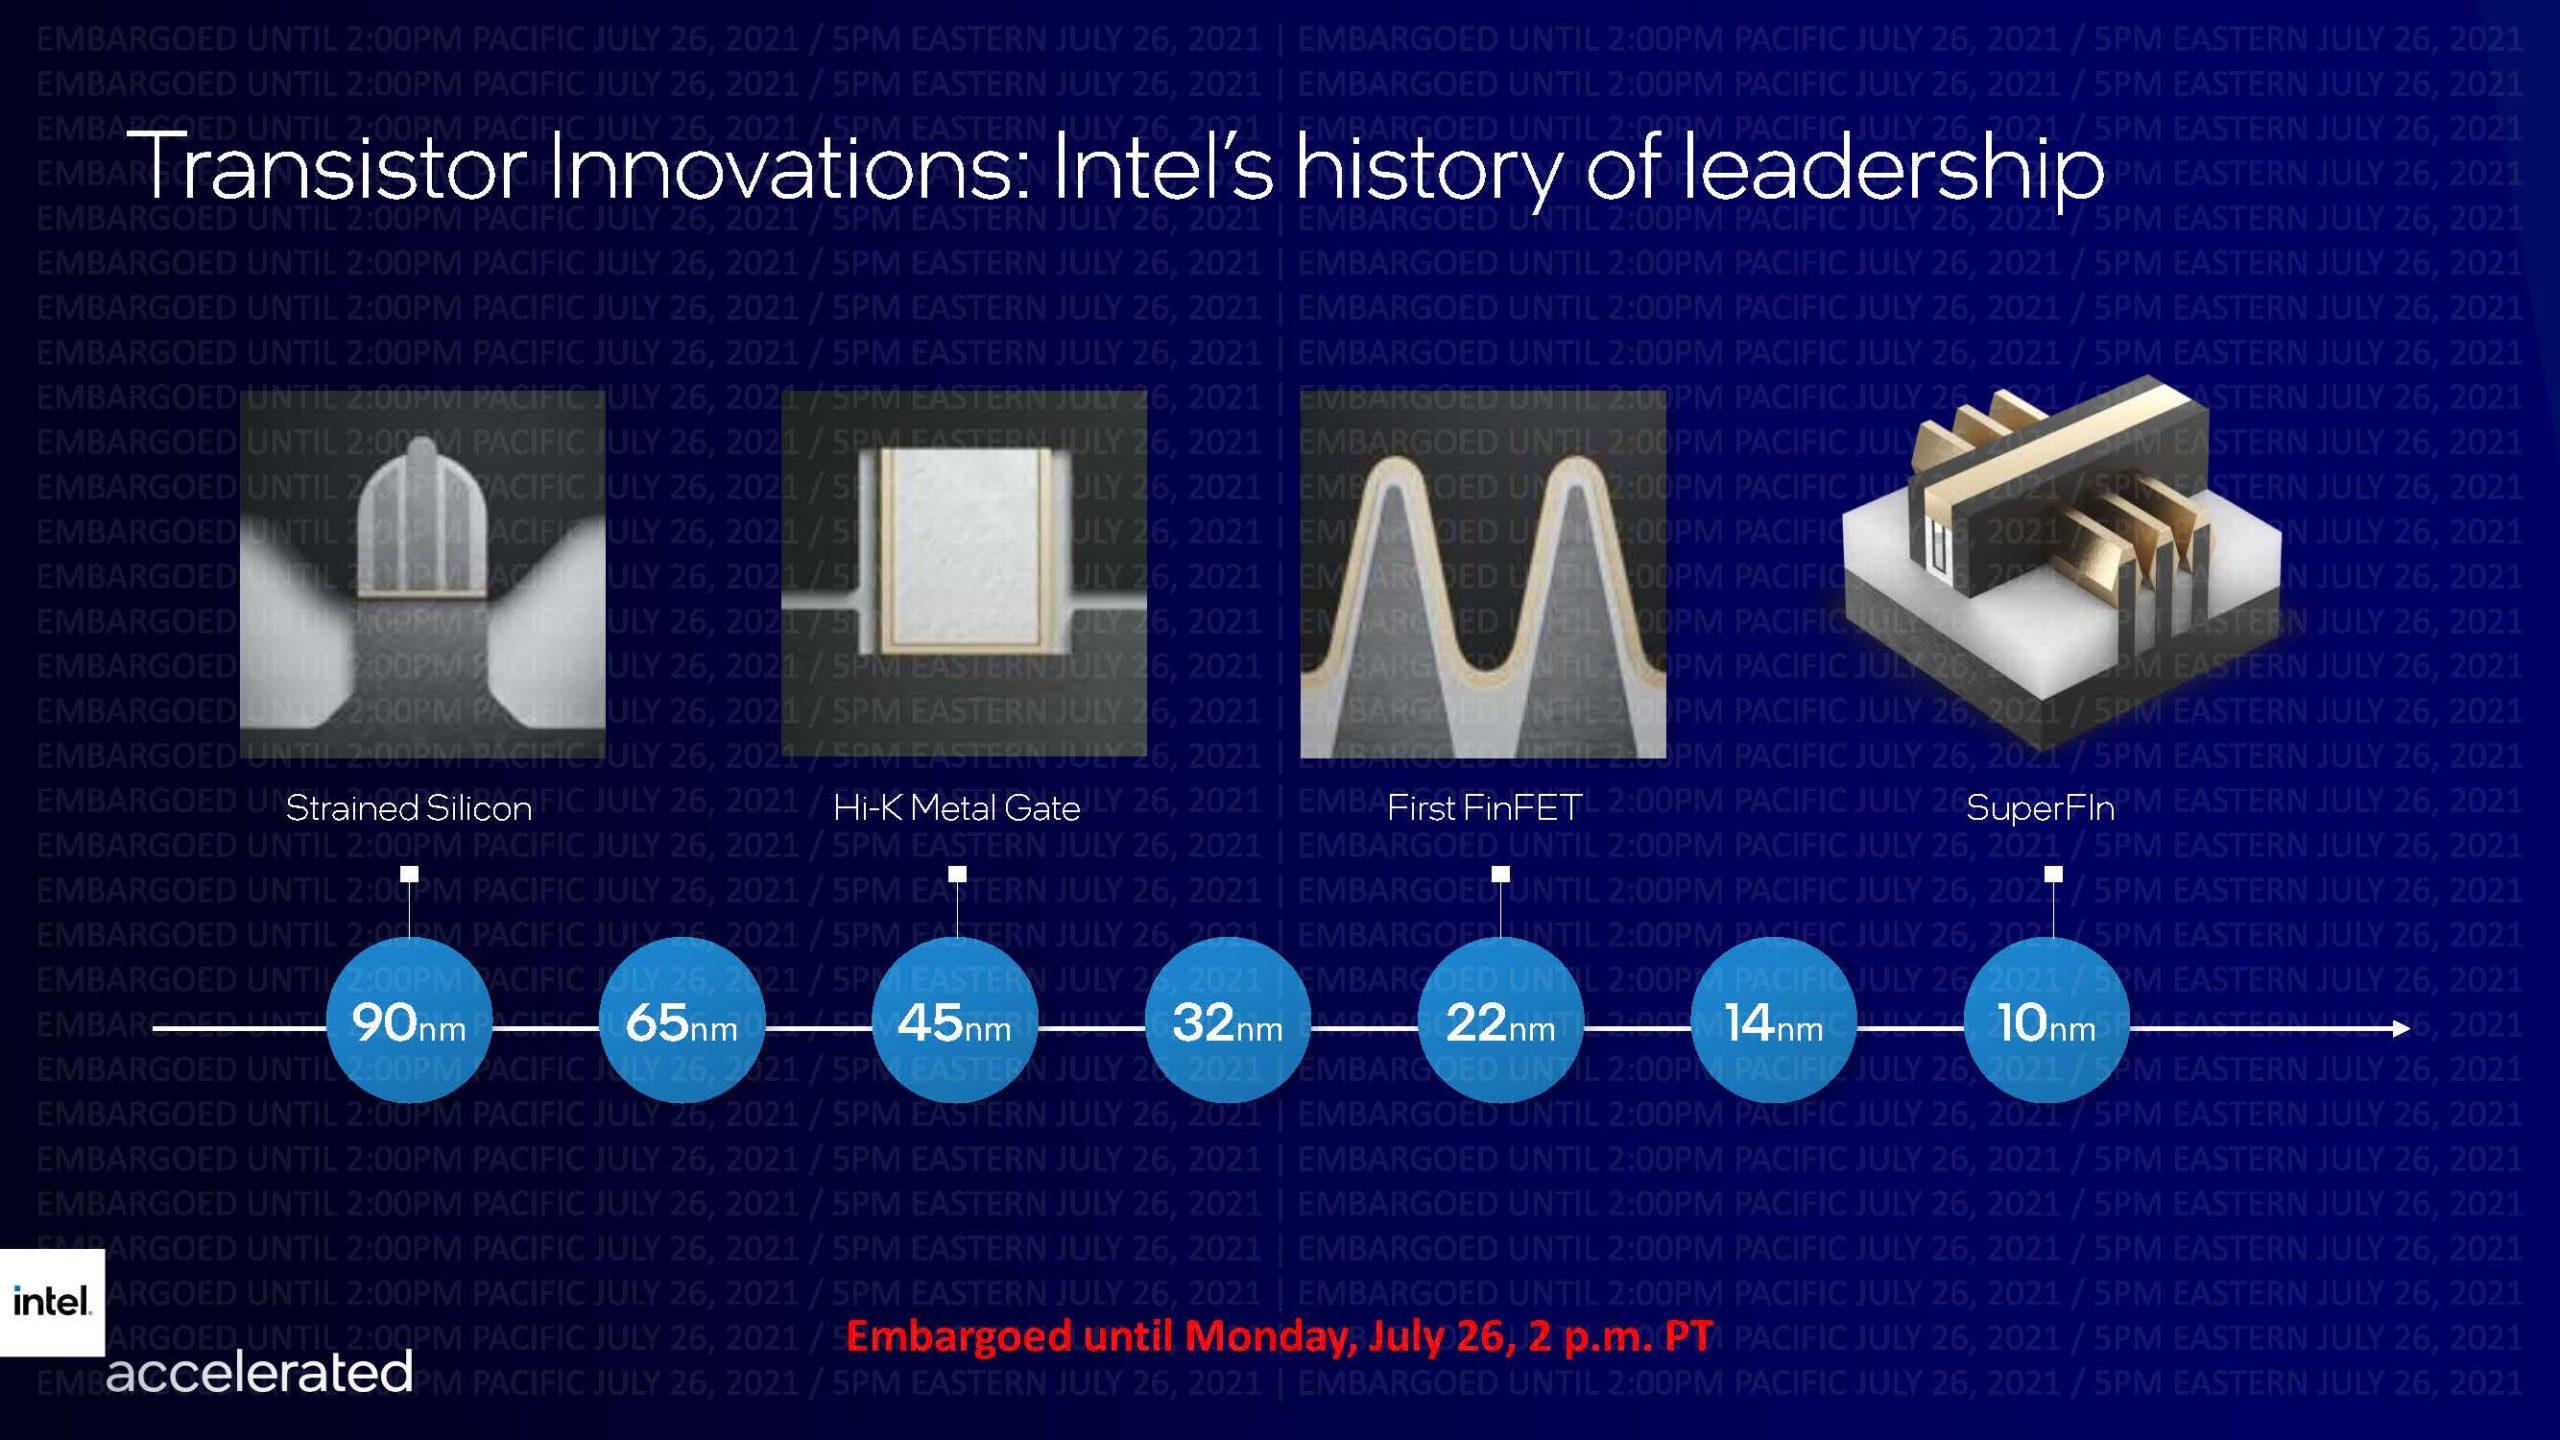 Intel Transistor Evolution 2021 07 26